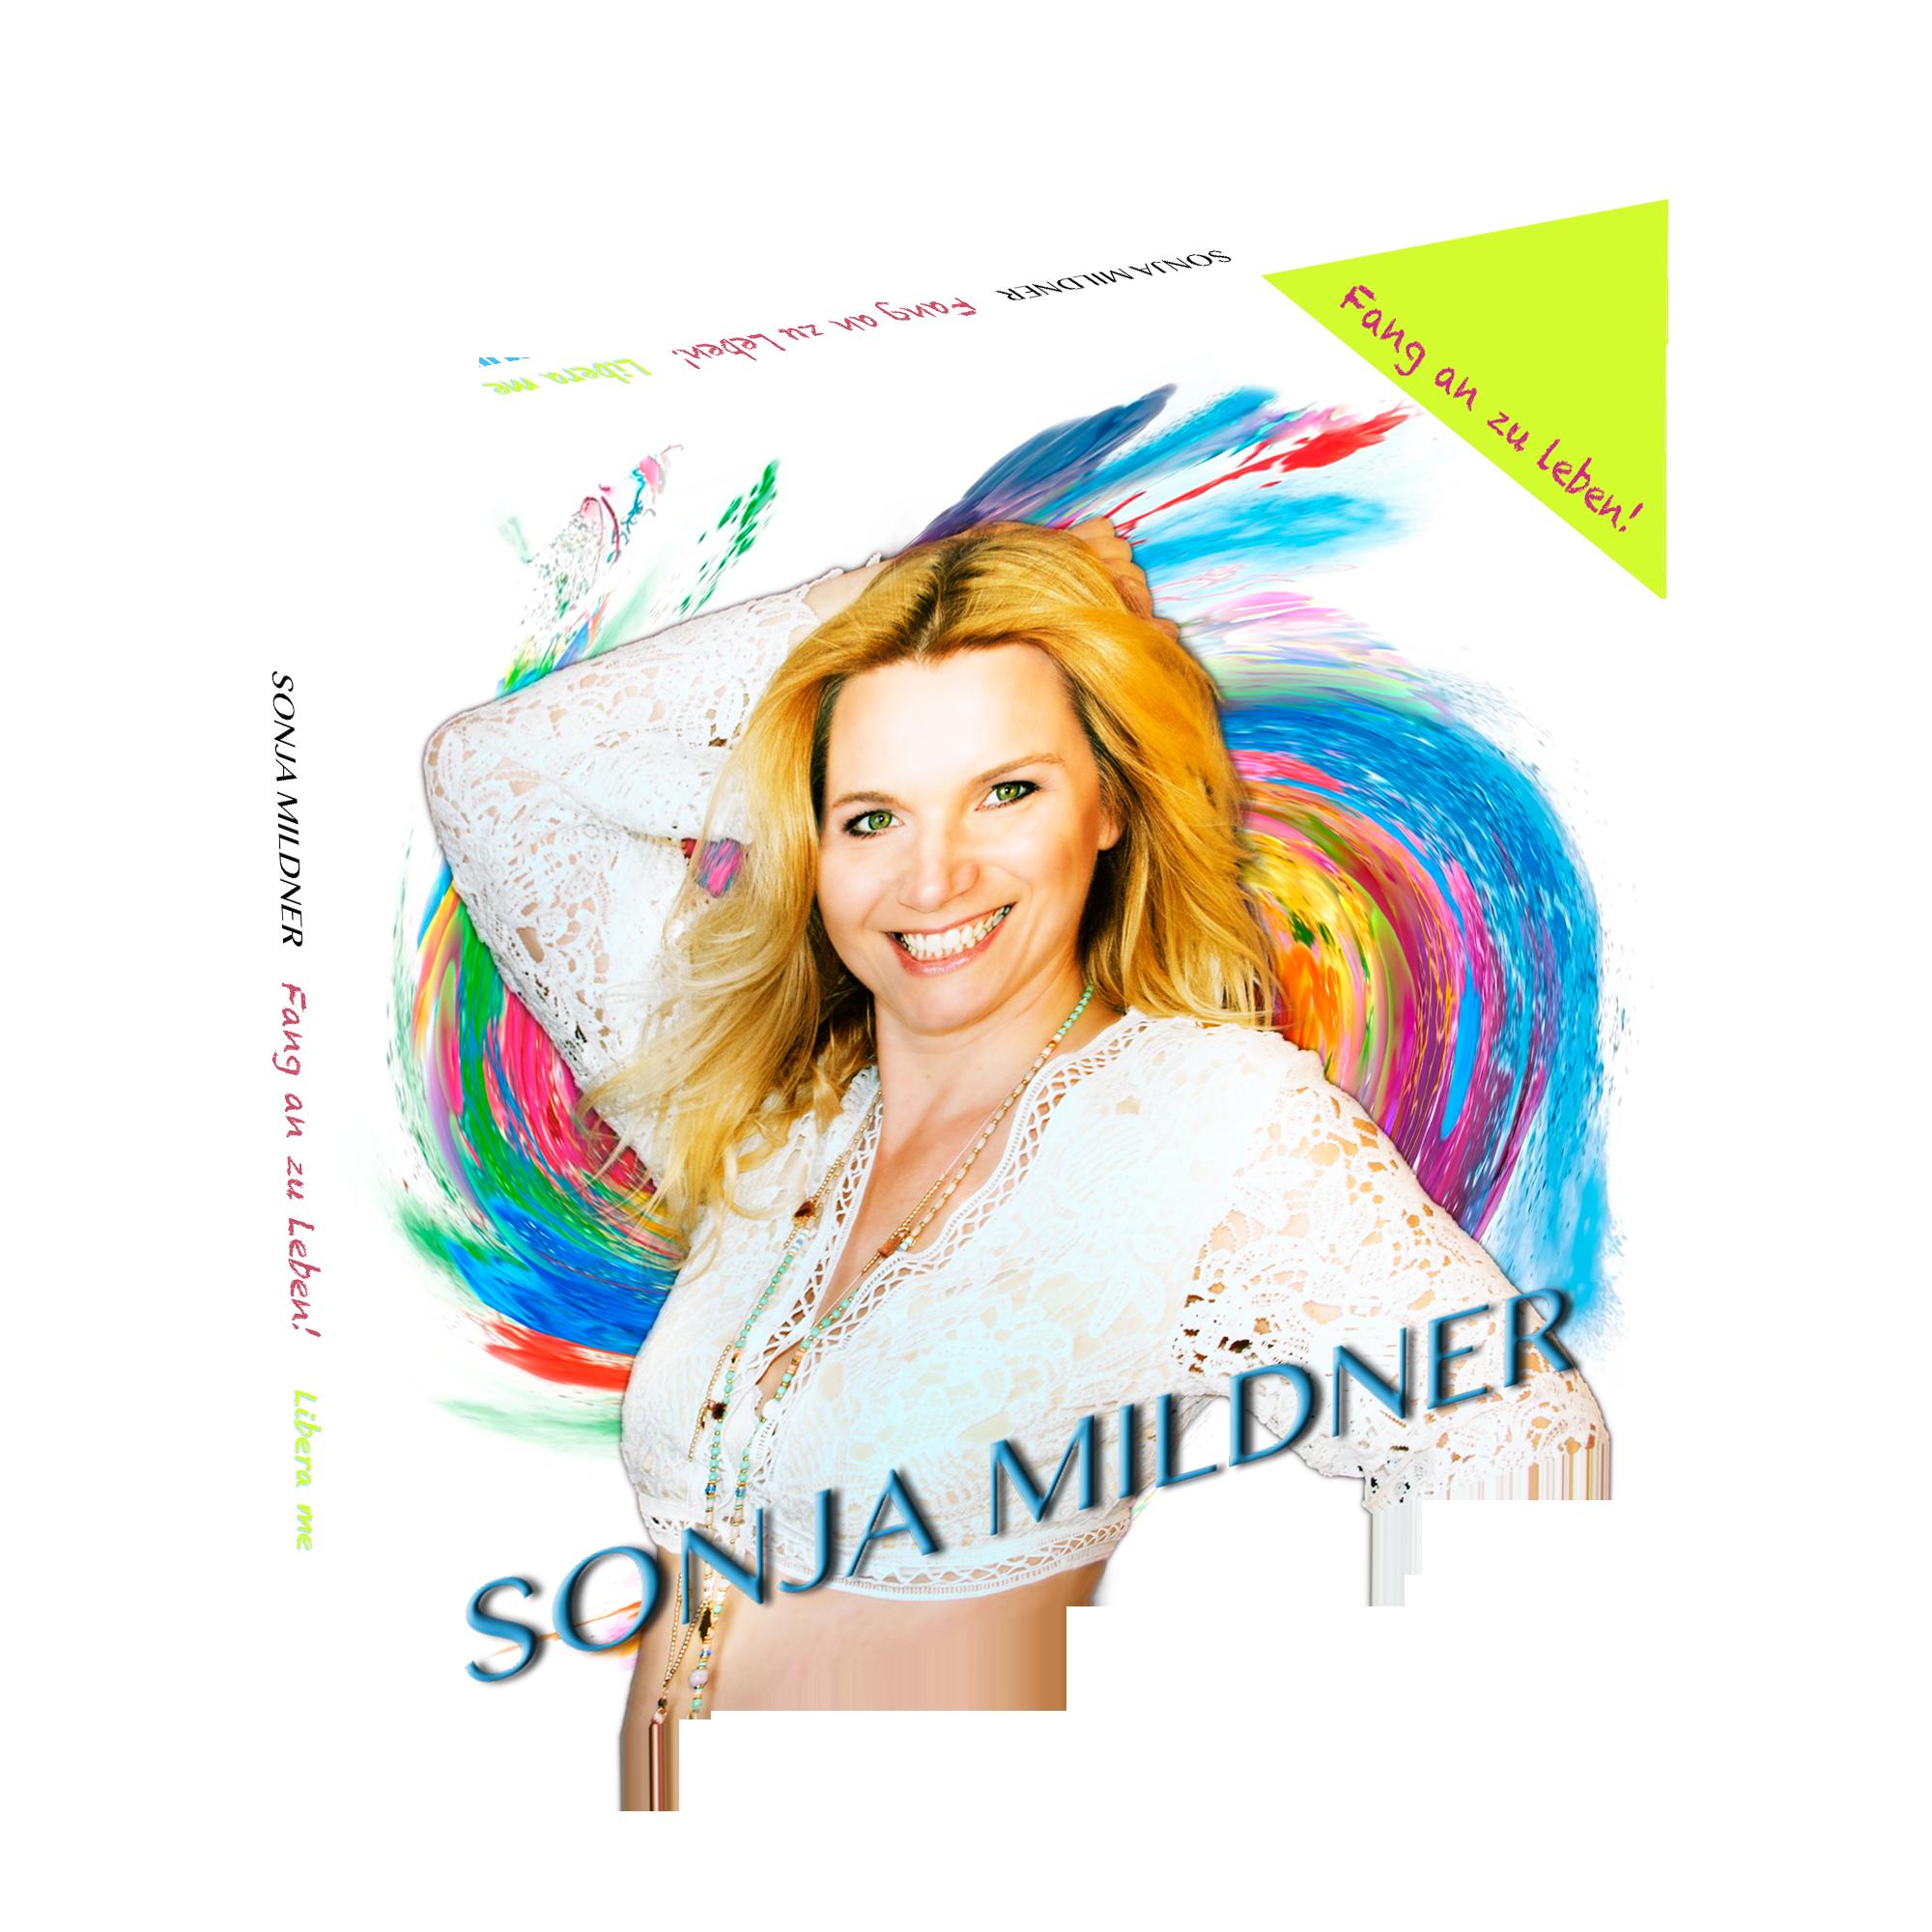 CD Cover - Sonja Mildner - Fang an zu Leben